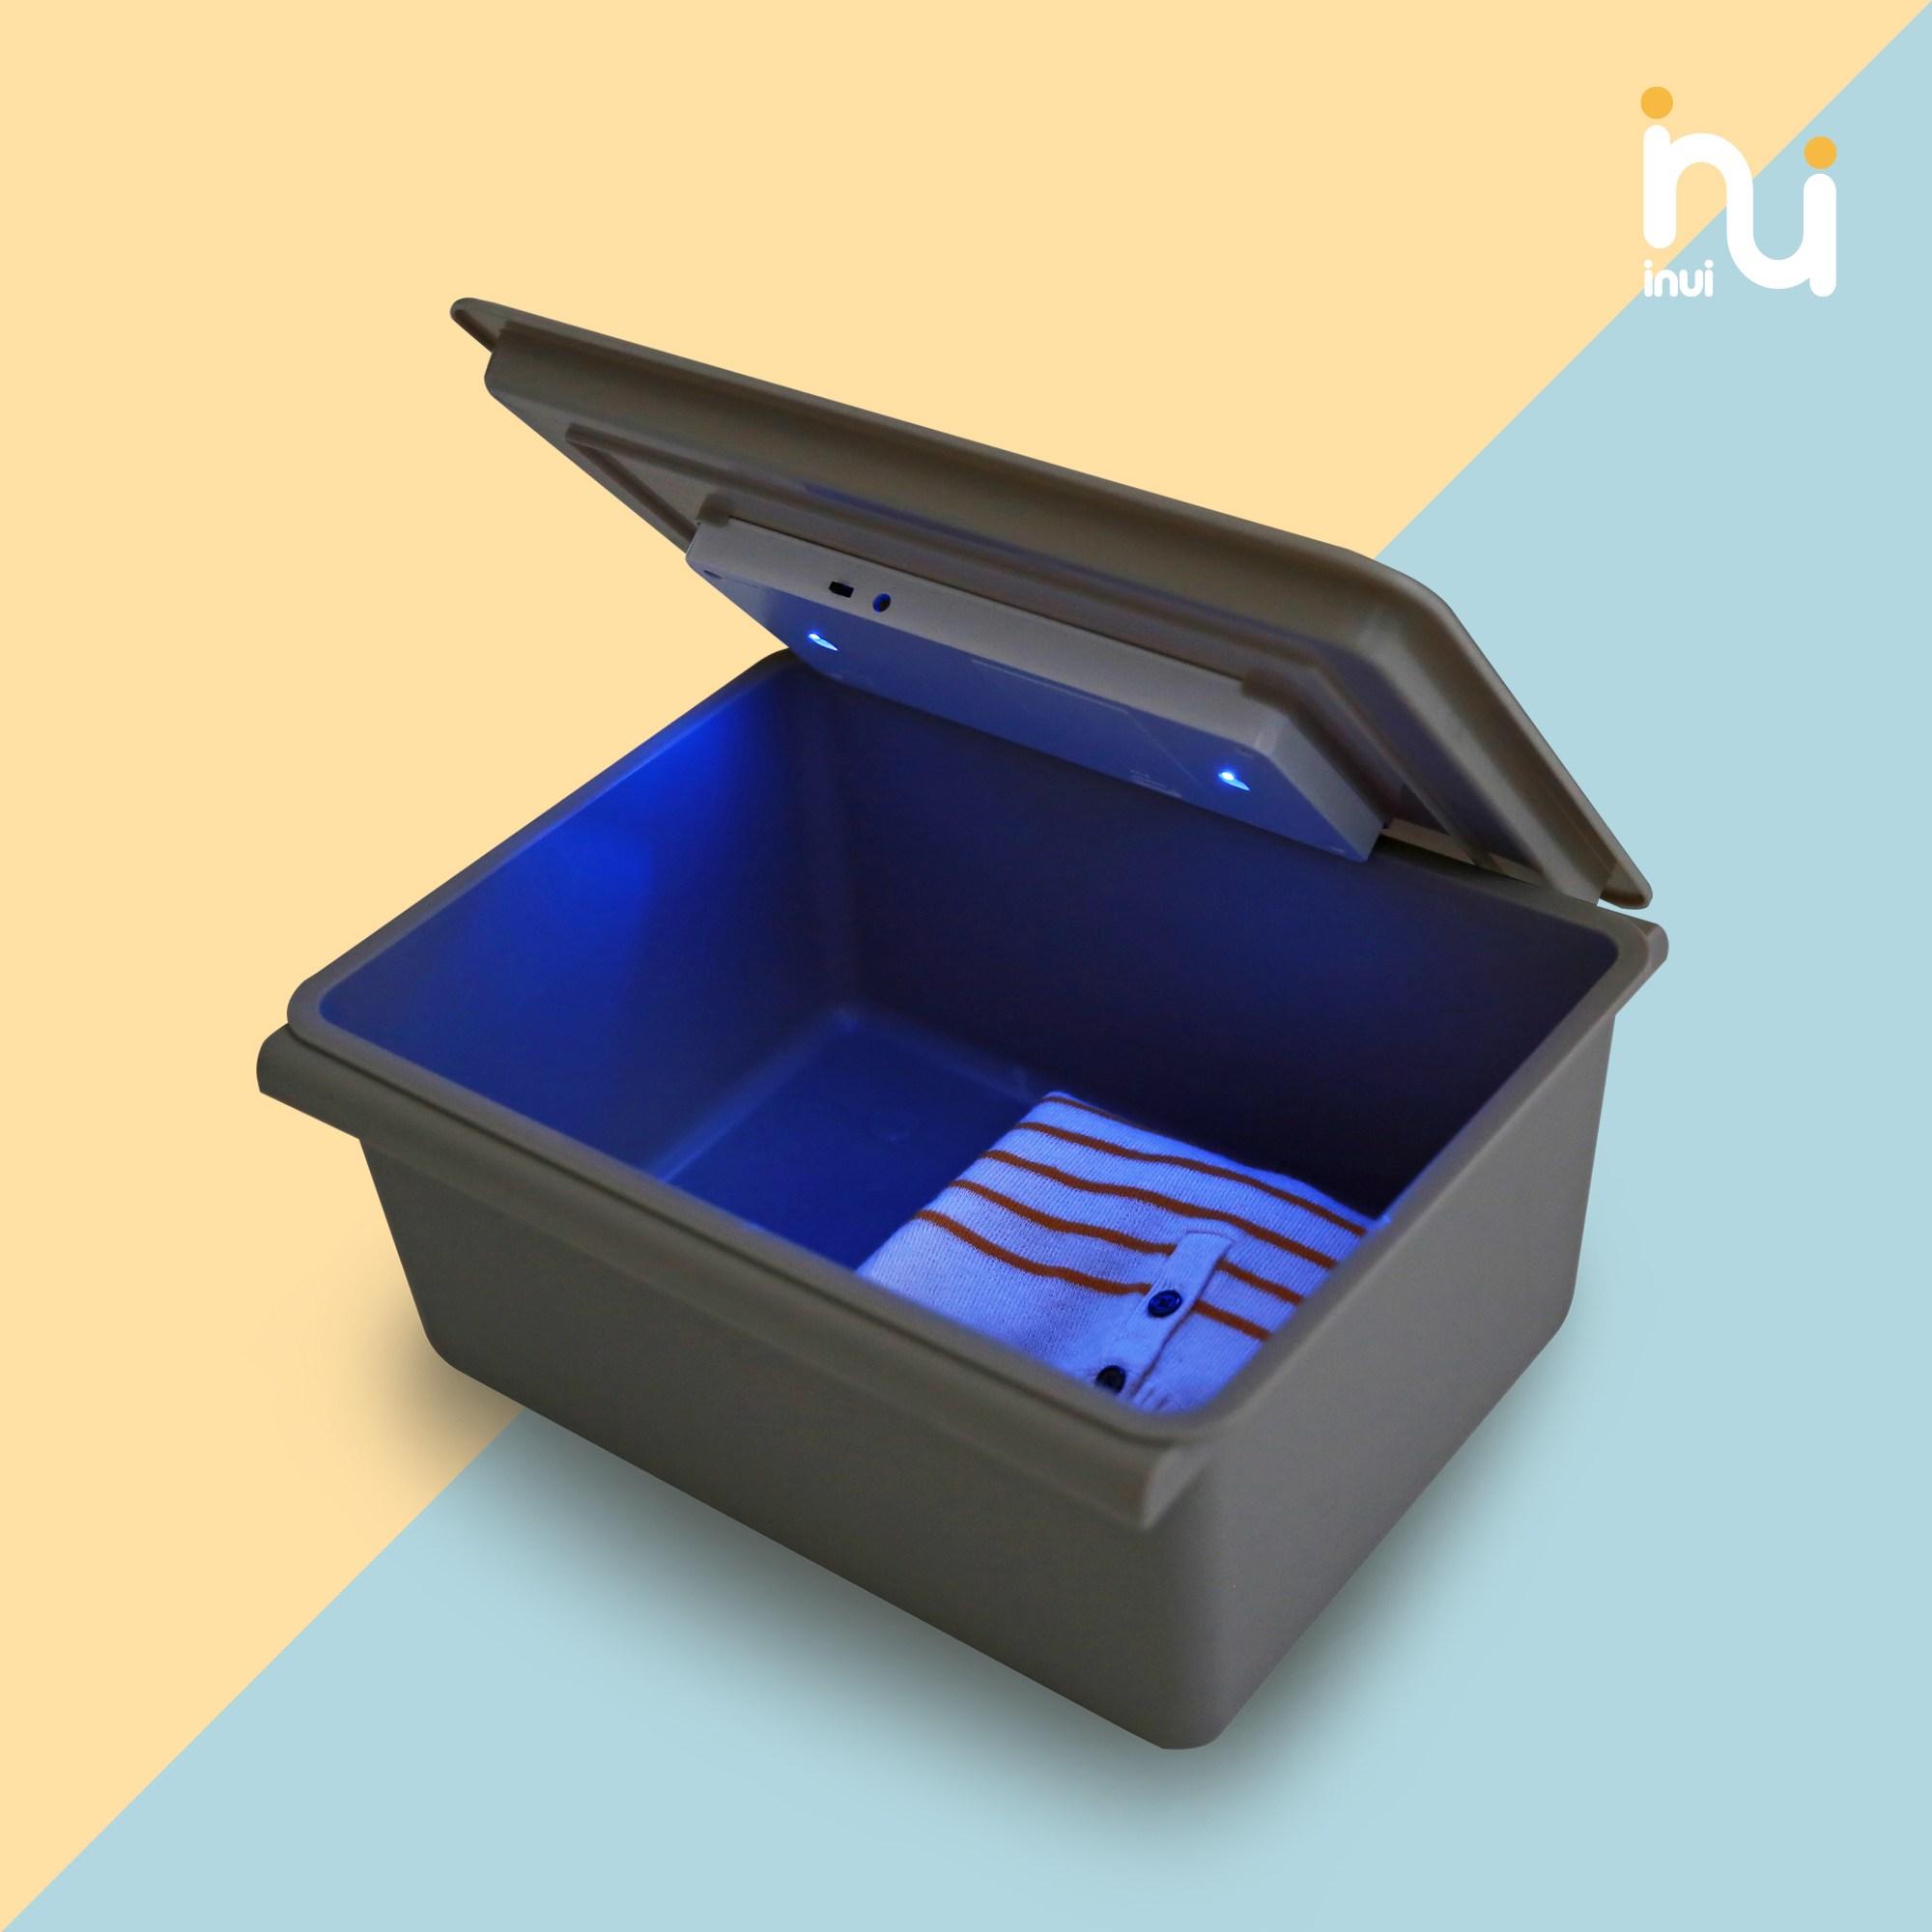 이누이 살균키트 바구니세트 장난감소독기 장난감살균기, 그레이바구니1EA+살균키트1EA